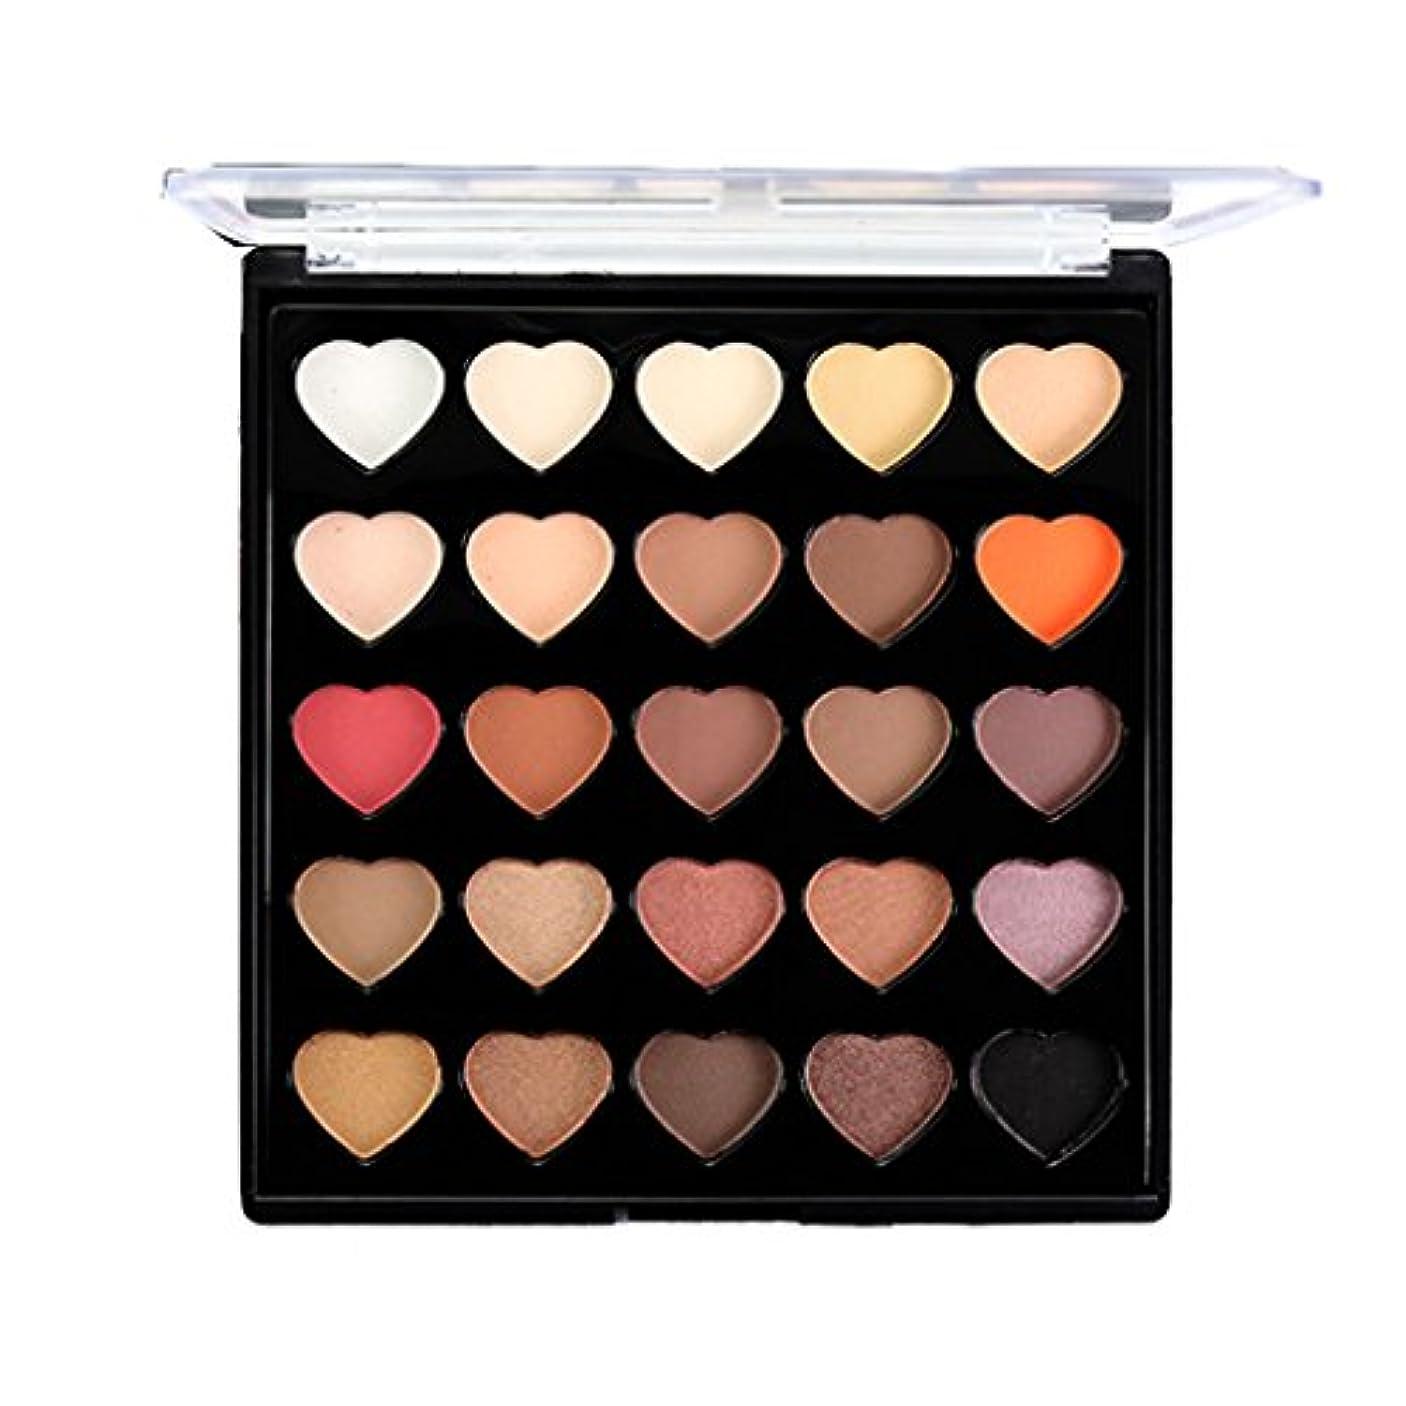 うぬぼれ同志工業用アイシャドウ パレット 25色 化粧パレット メイクアップ アイメイク 全2種類 - #1